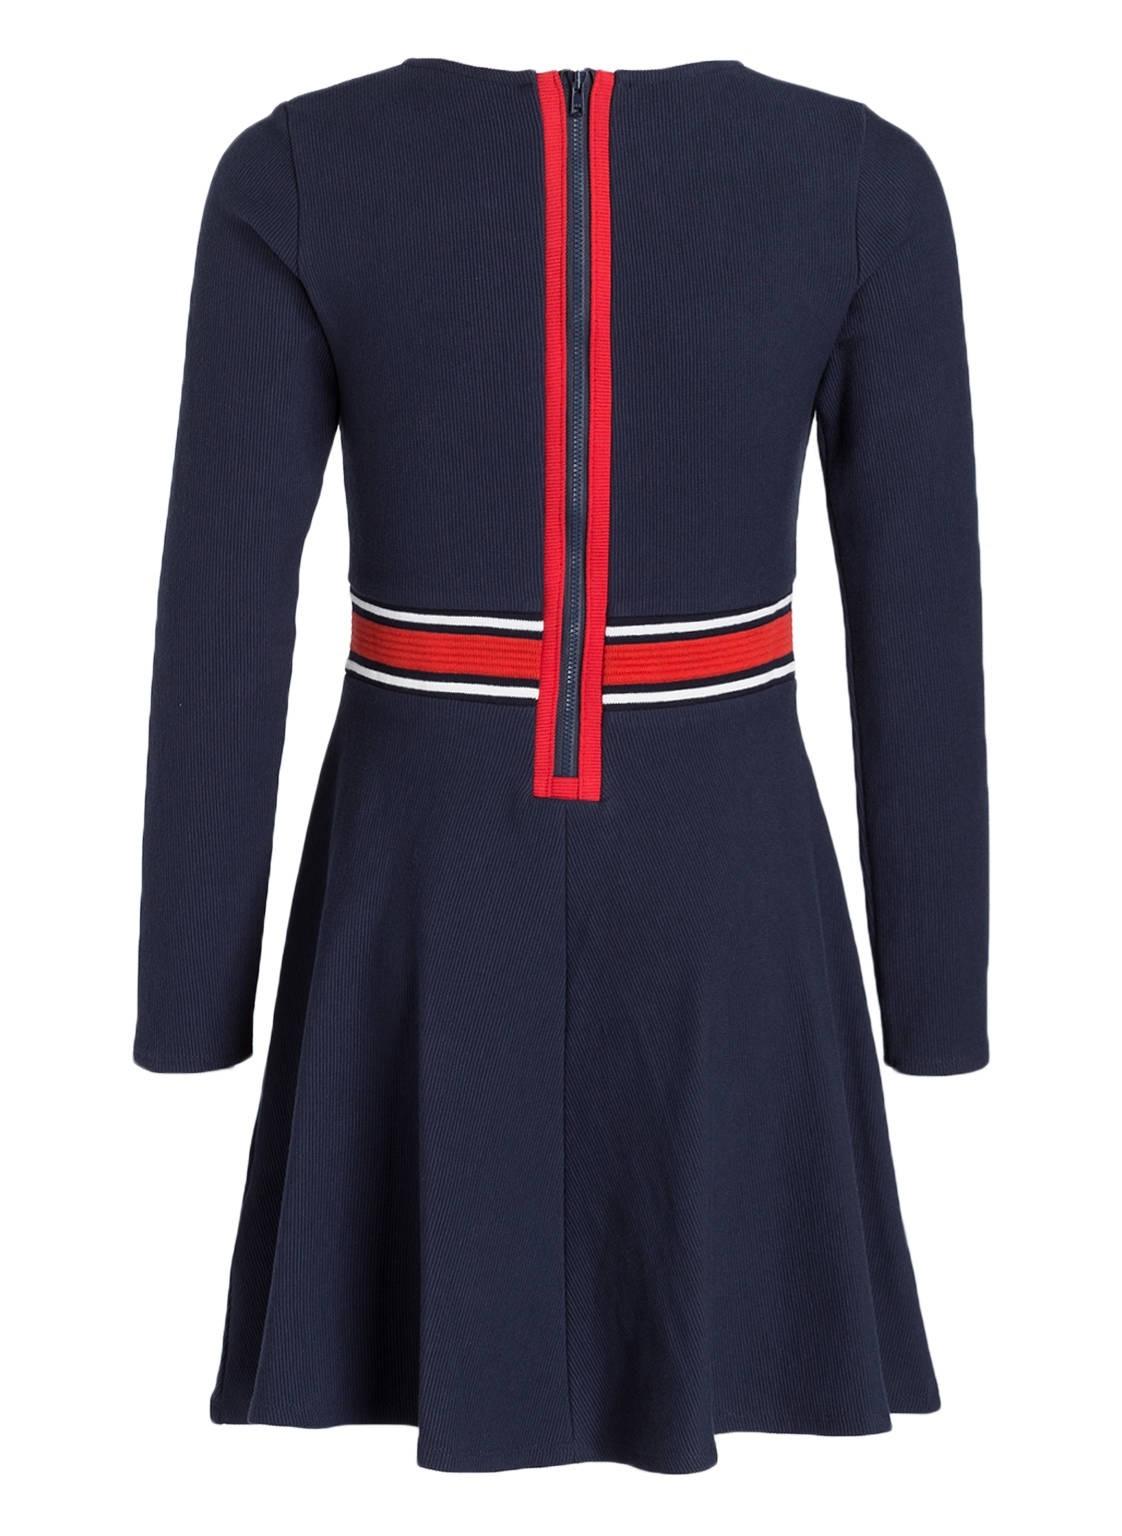 17 Schön Das Besondere Kleid Boutique17 Großartig Das Besondere Kleid für 2019